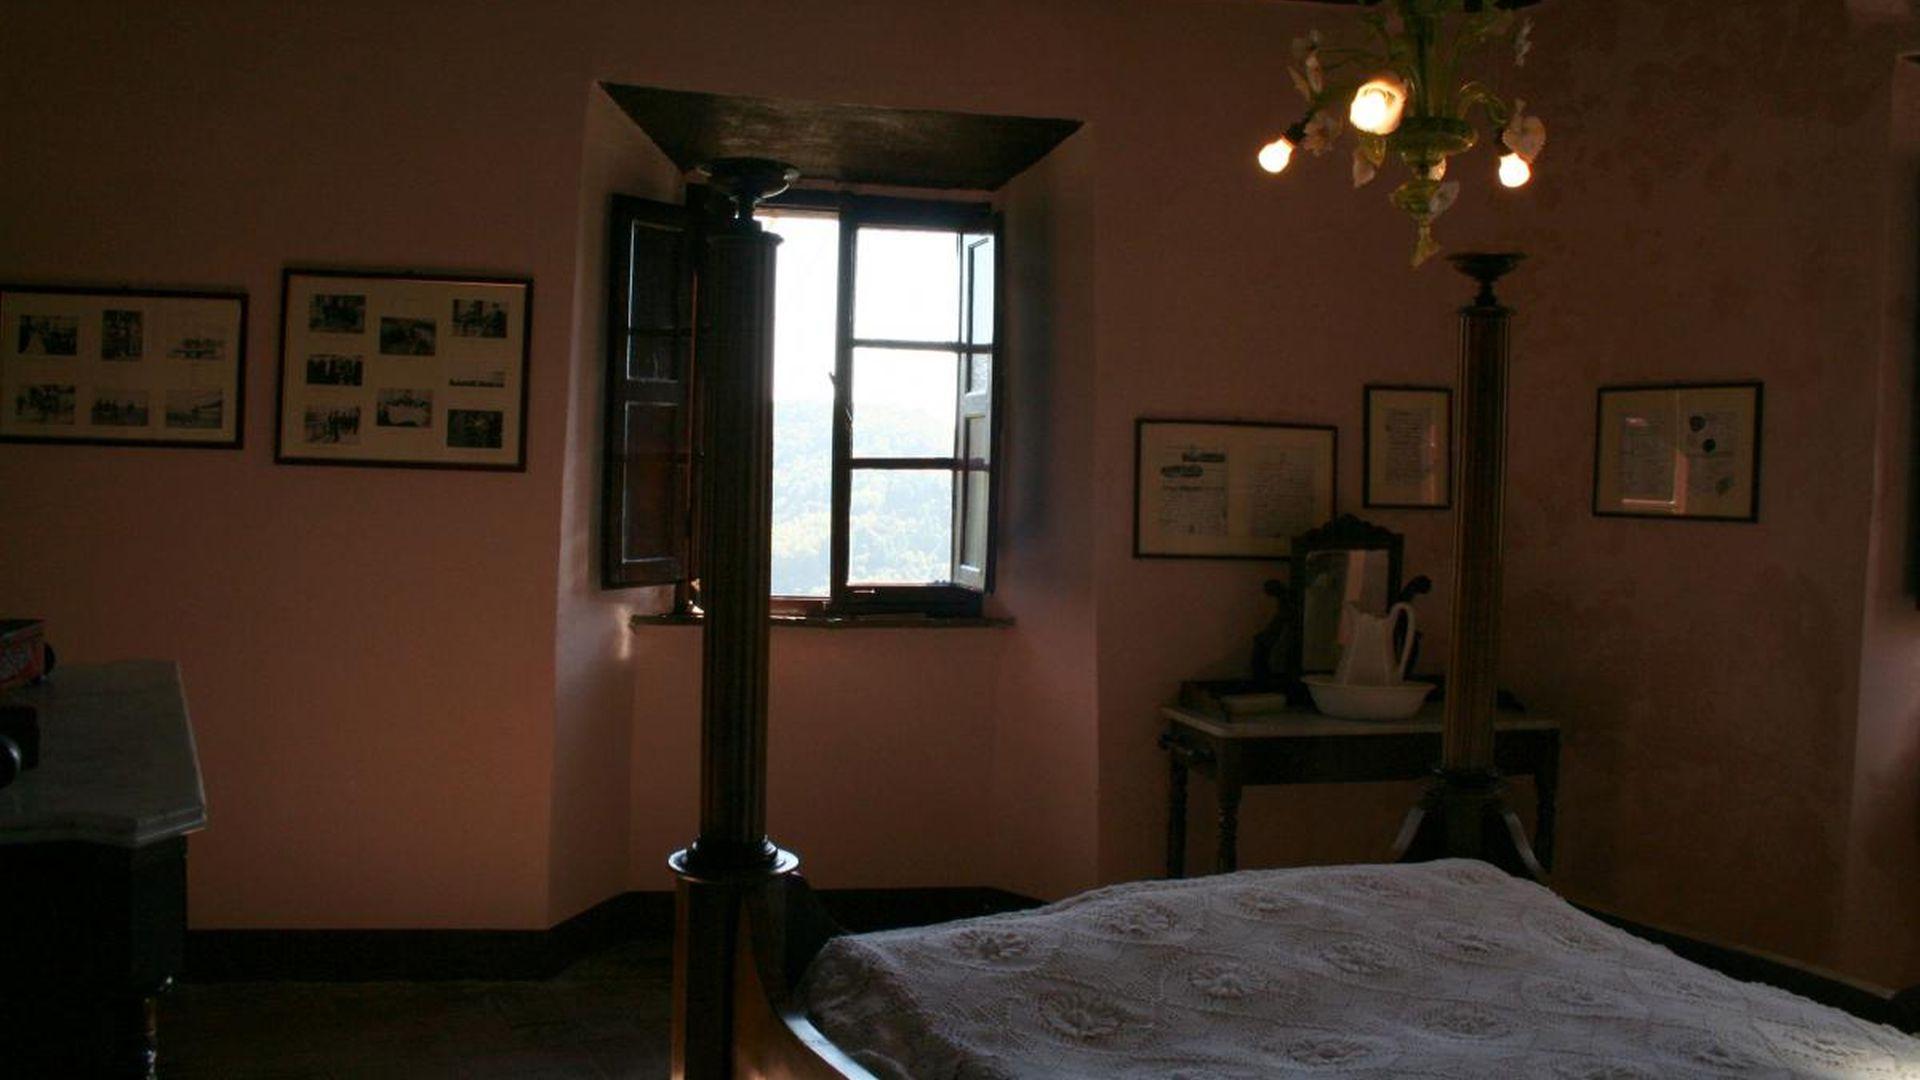 la camera da letto dei genitori di Puccini a casa Puccini a Celle di Pescaglia